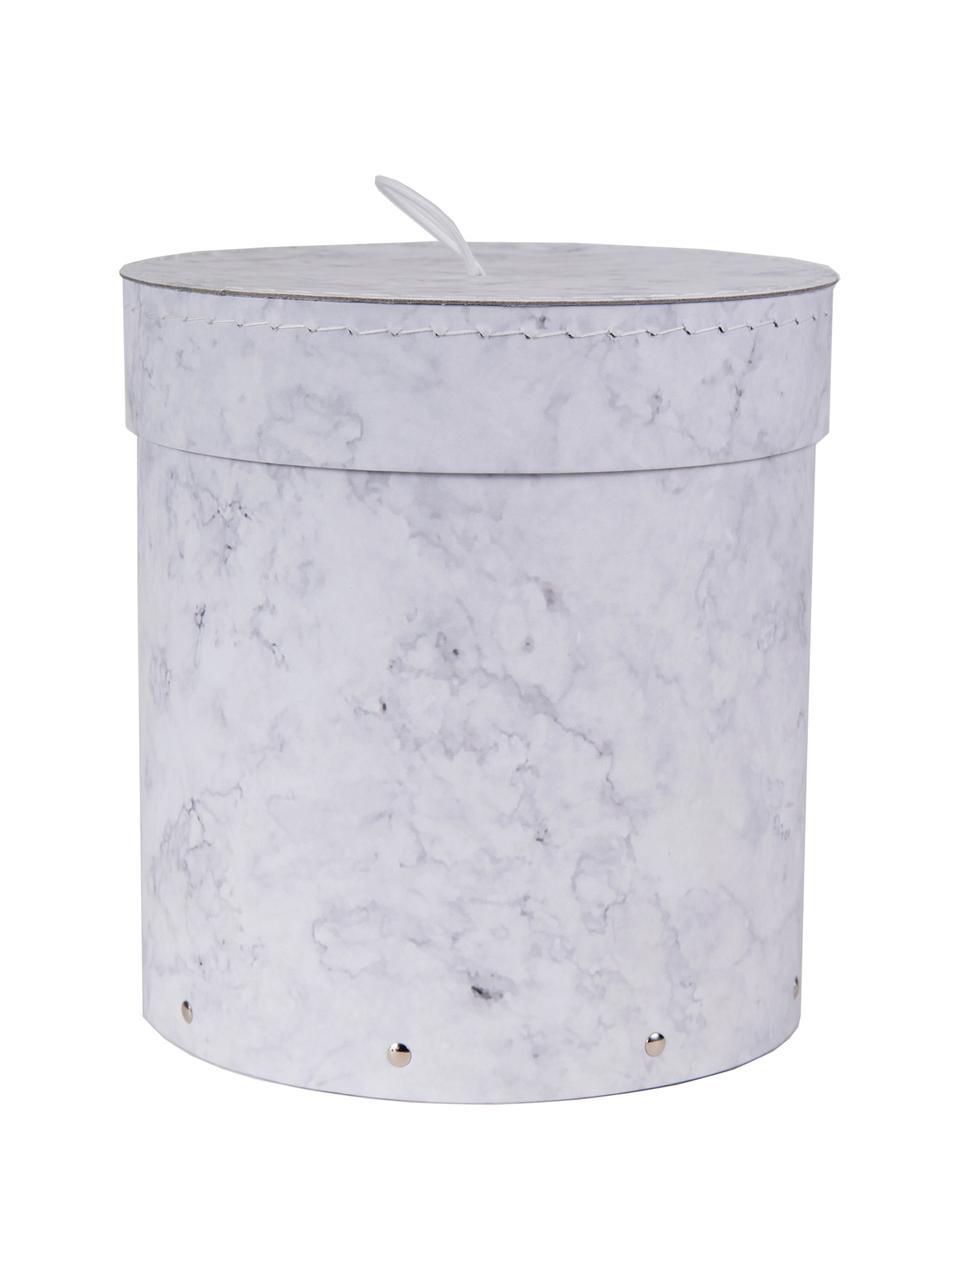 Aufbewahrungsboxen-Set Hanna, 2-tlg., Box: Fester, laminierter Karto, Griff: Gummi, Weiß, marmoriert, Sondergrößen